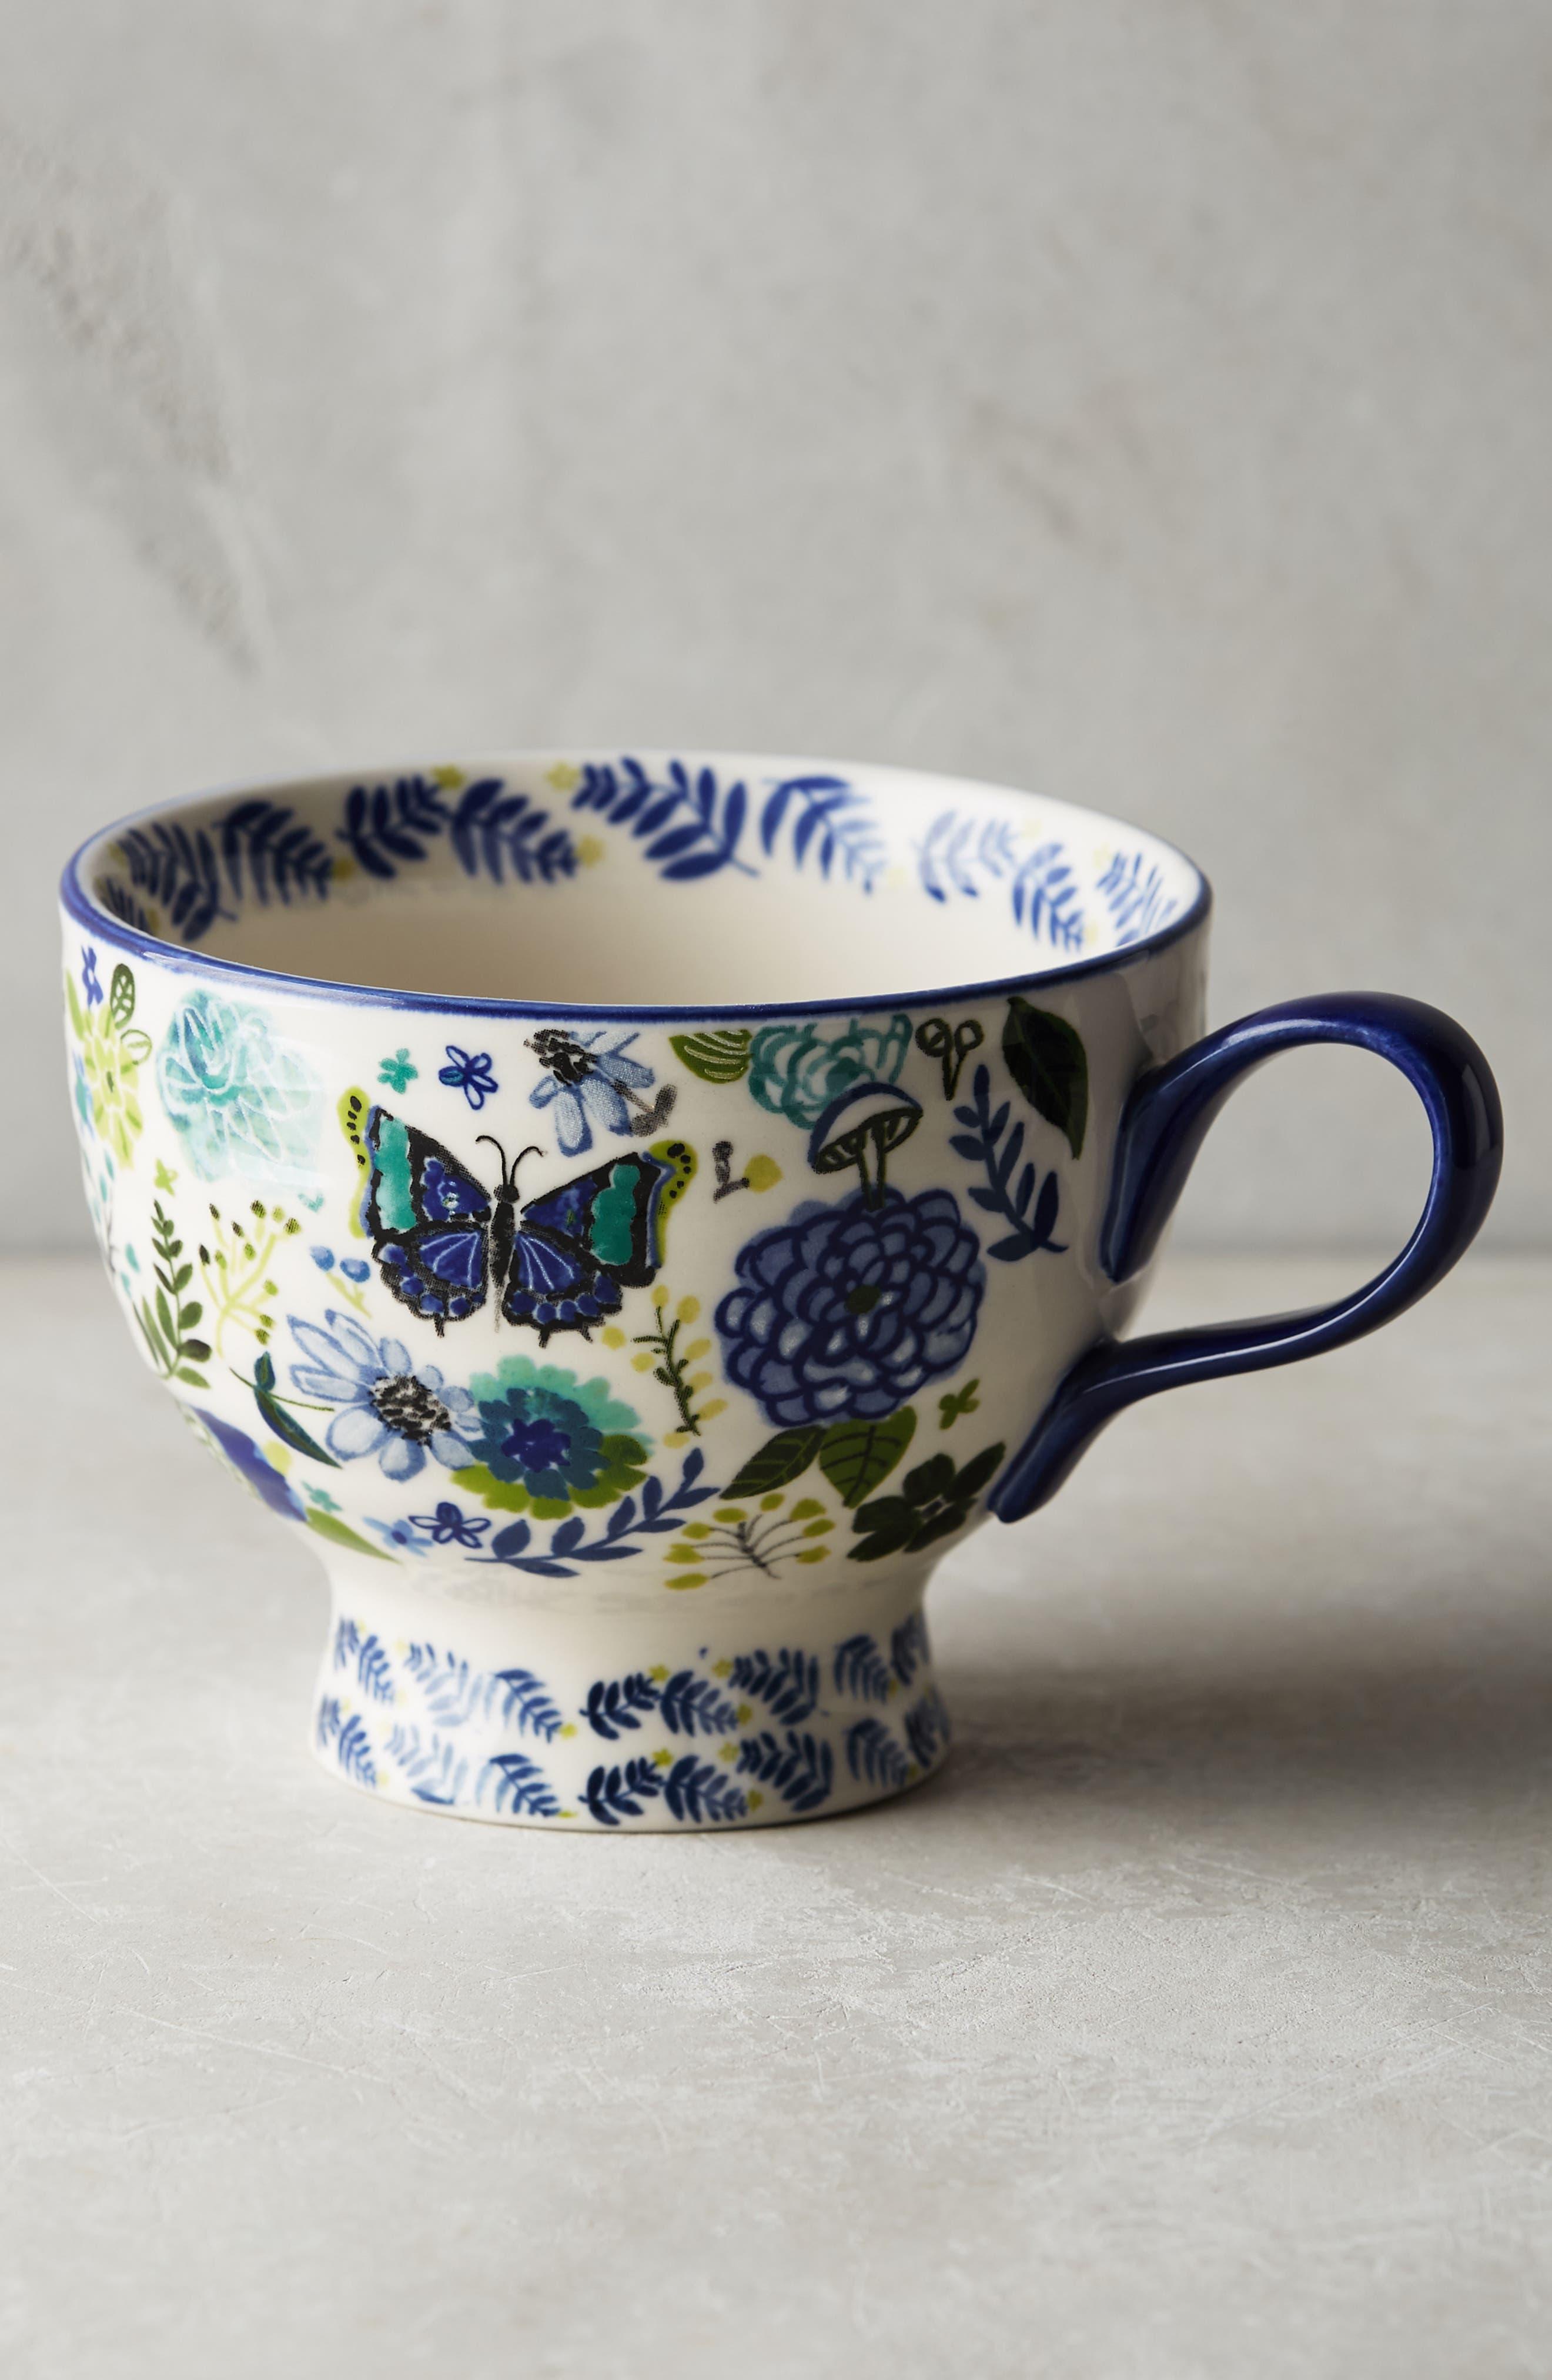 Anthropologie Wing & Petal Stoneware Mug